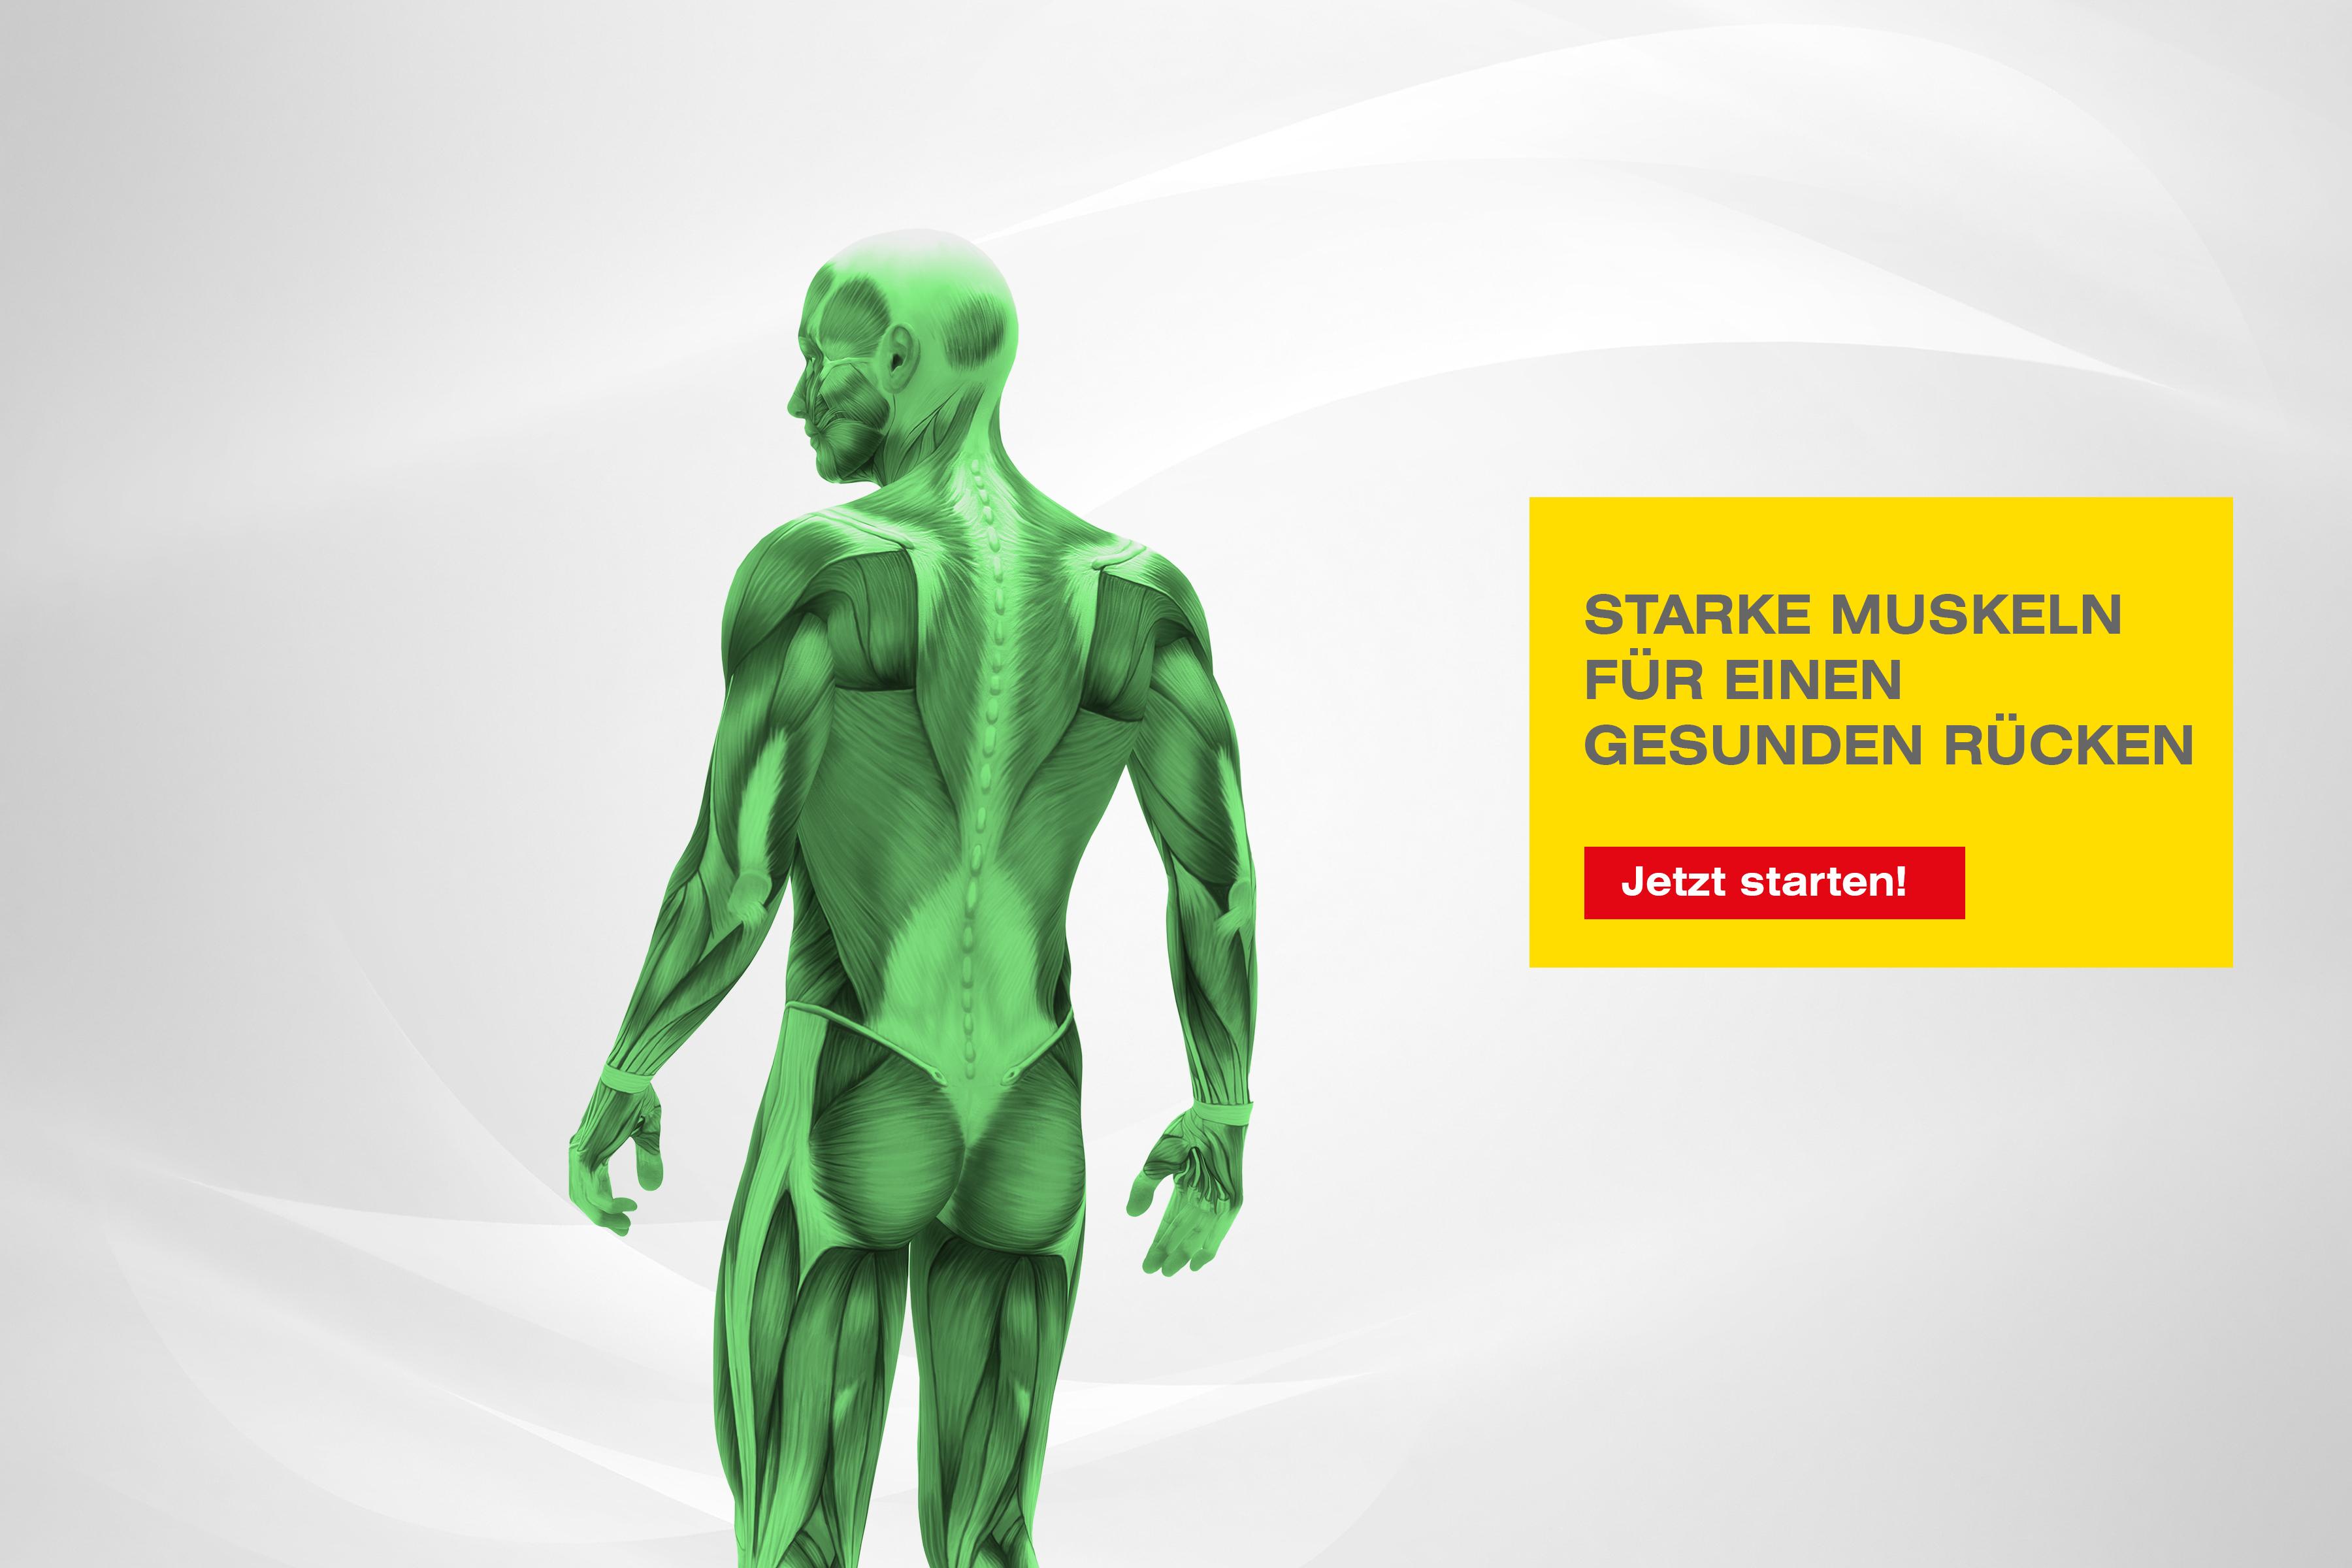 Muskeln Rücken